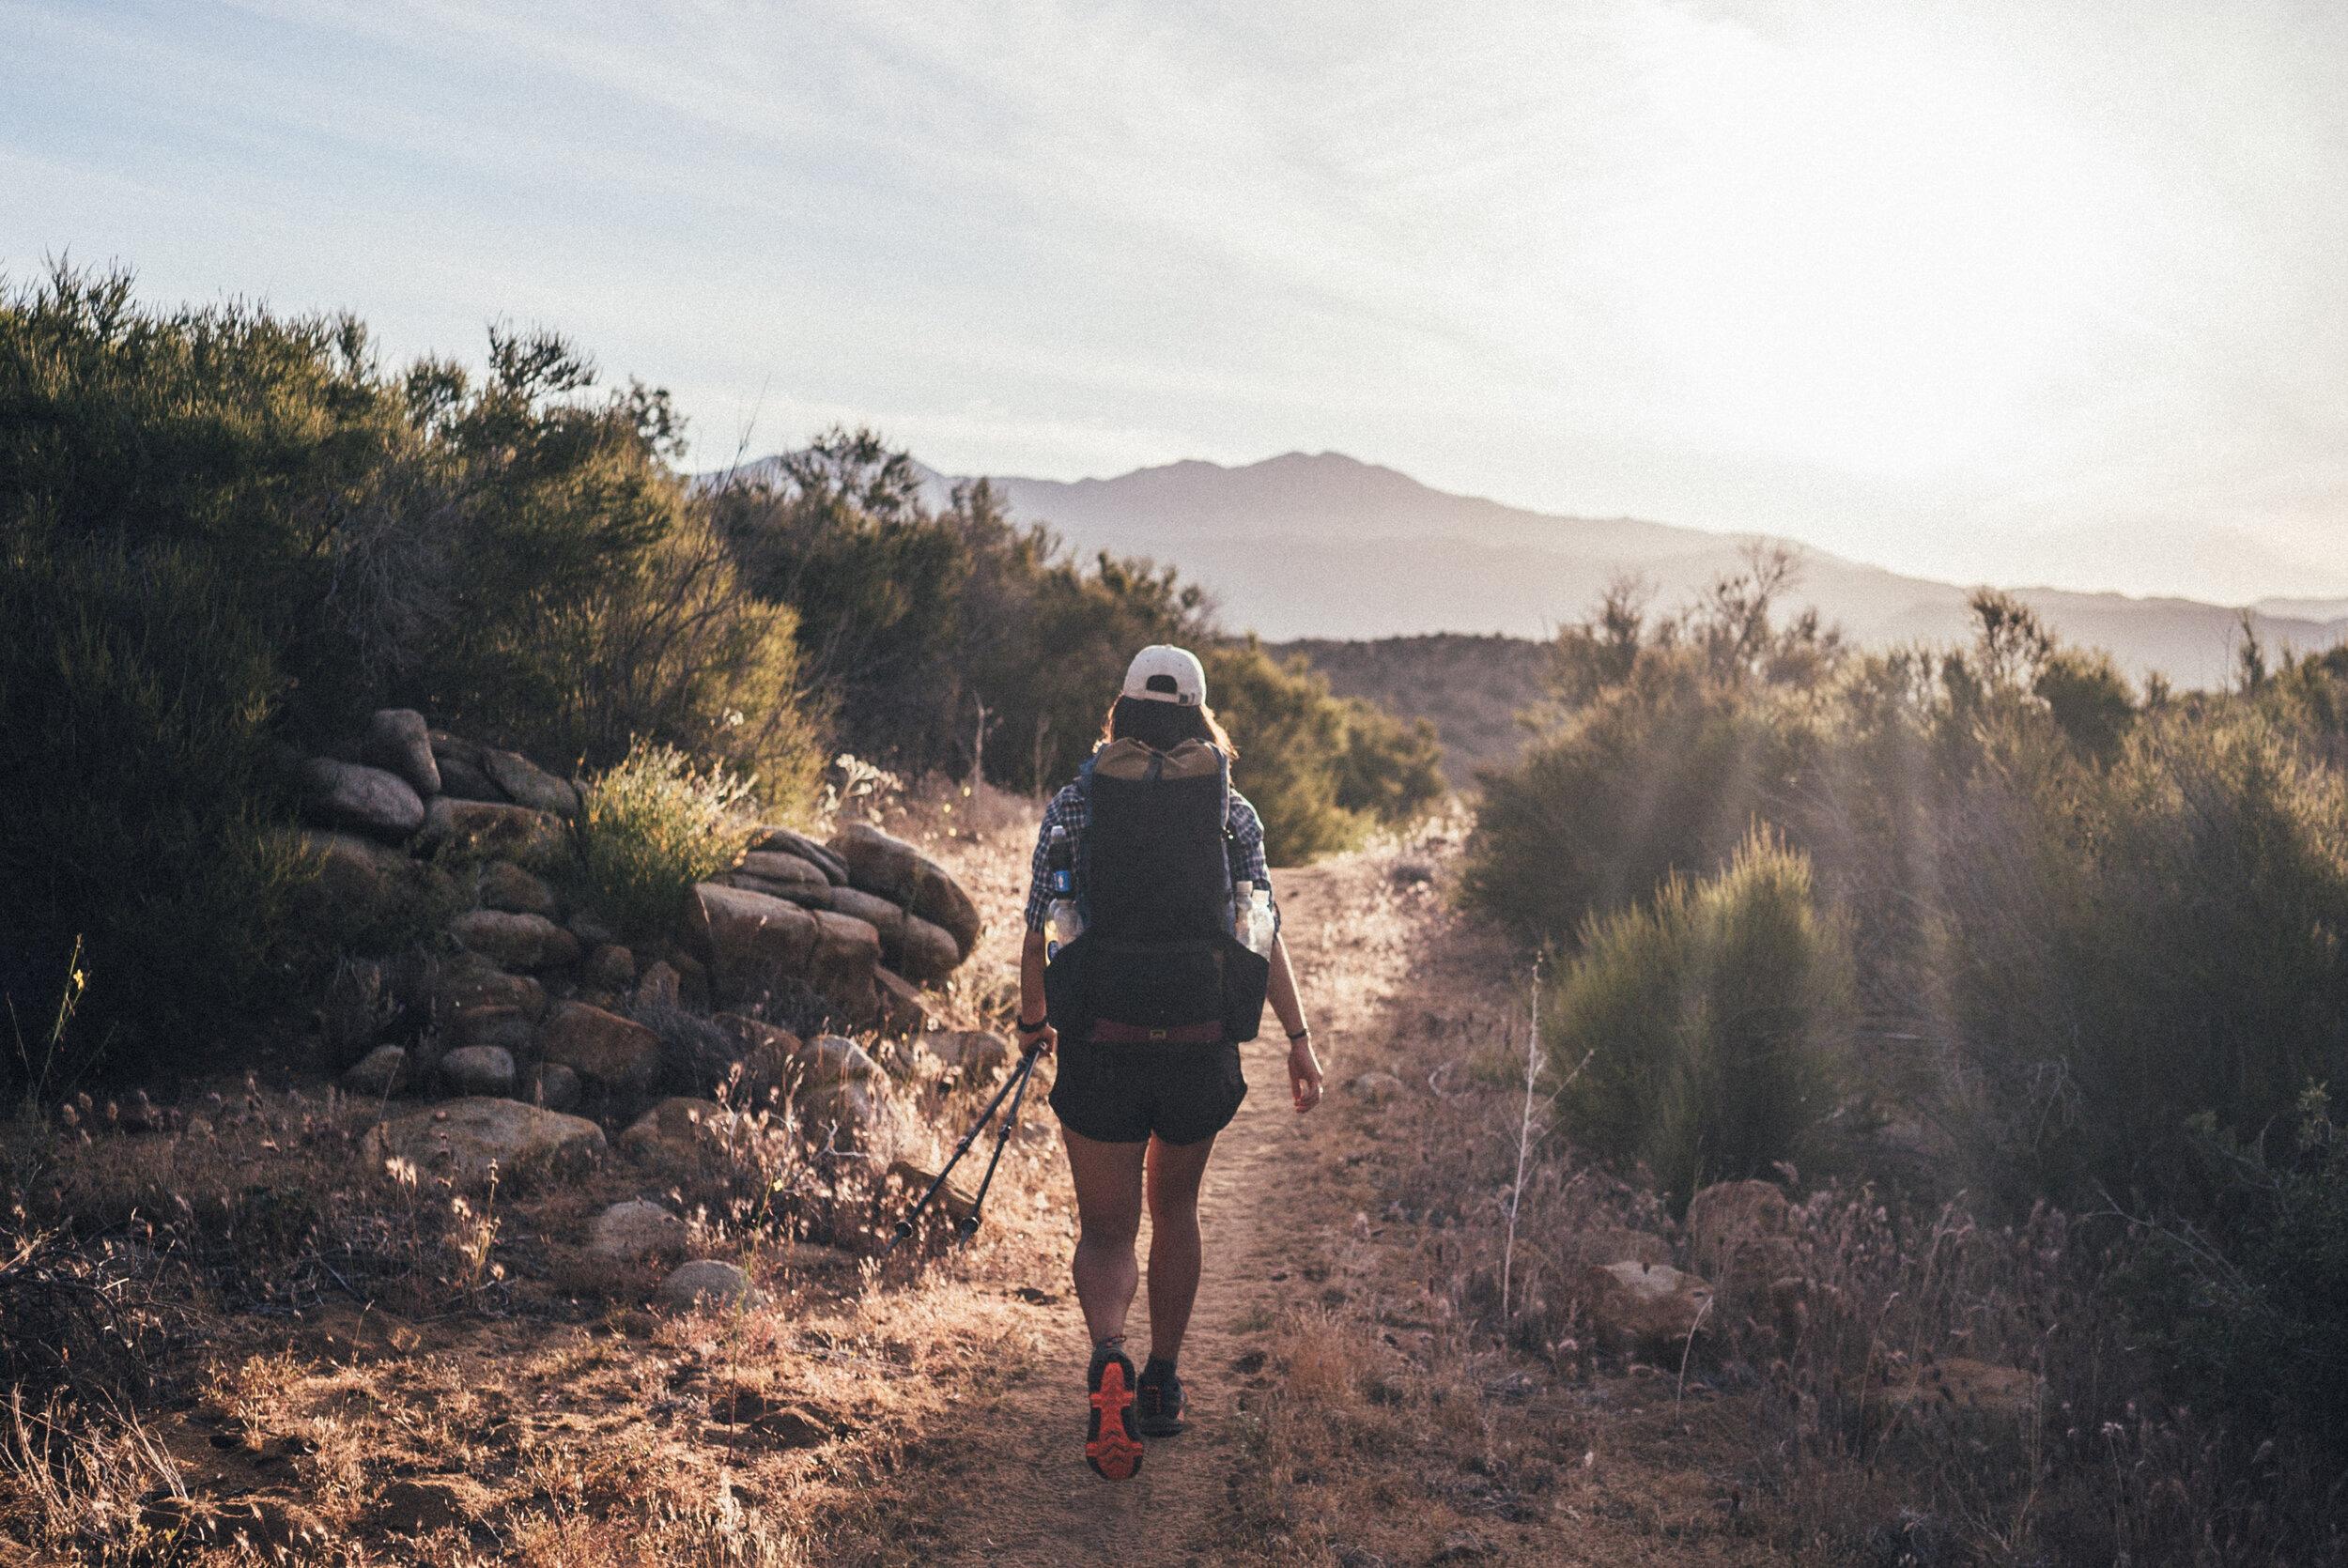 Elina hiking through a desert on PCT